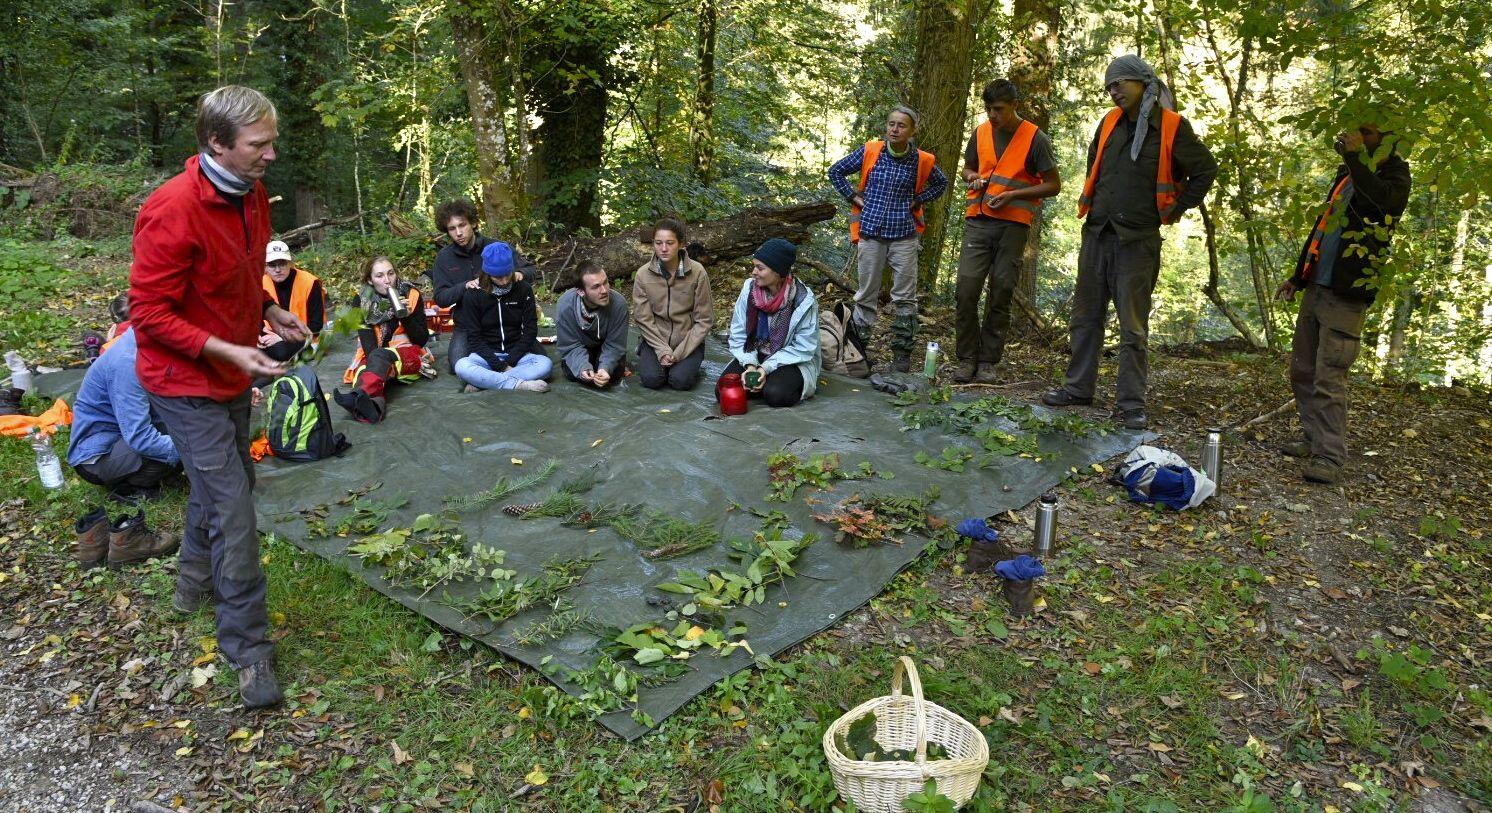 57 Baum- und Straucharten wurden gefunden